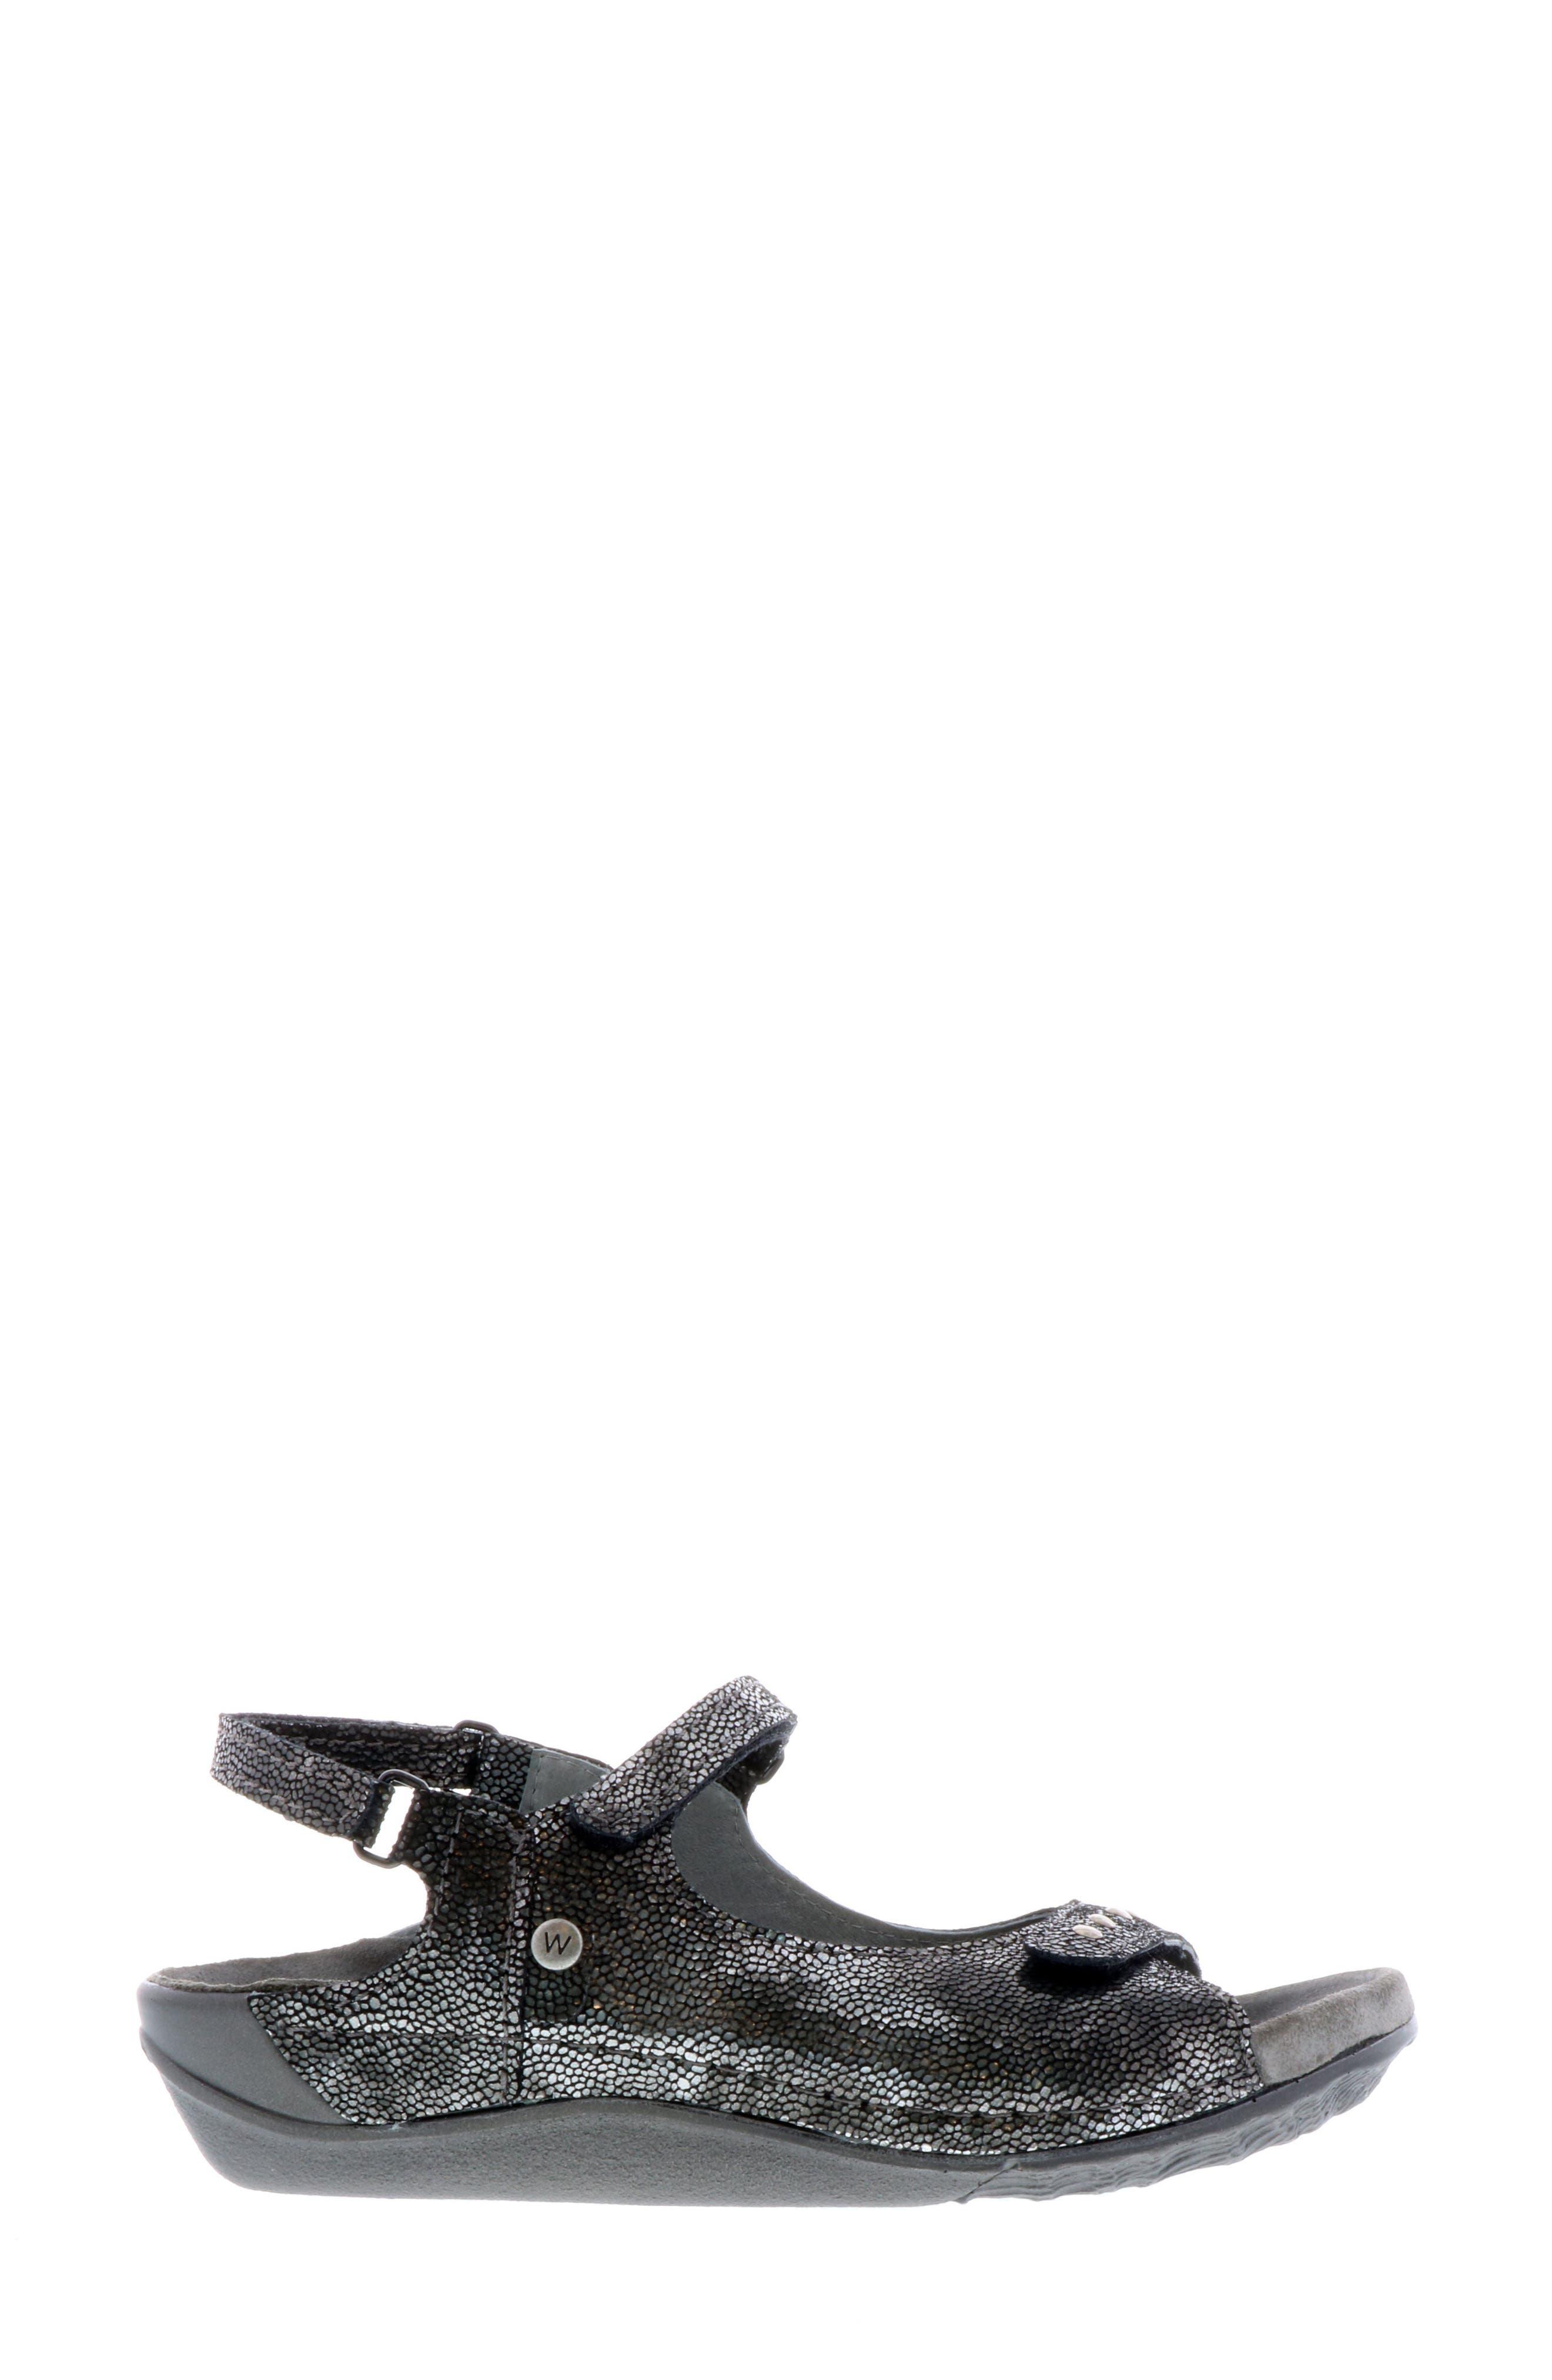 Cortez Sandal,                             Alternate thumbnail 3, color,                             BLACK LEATHER